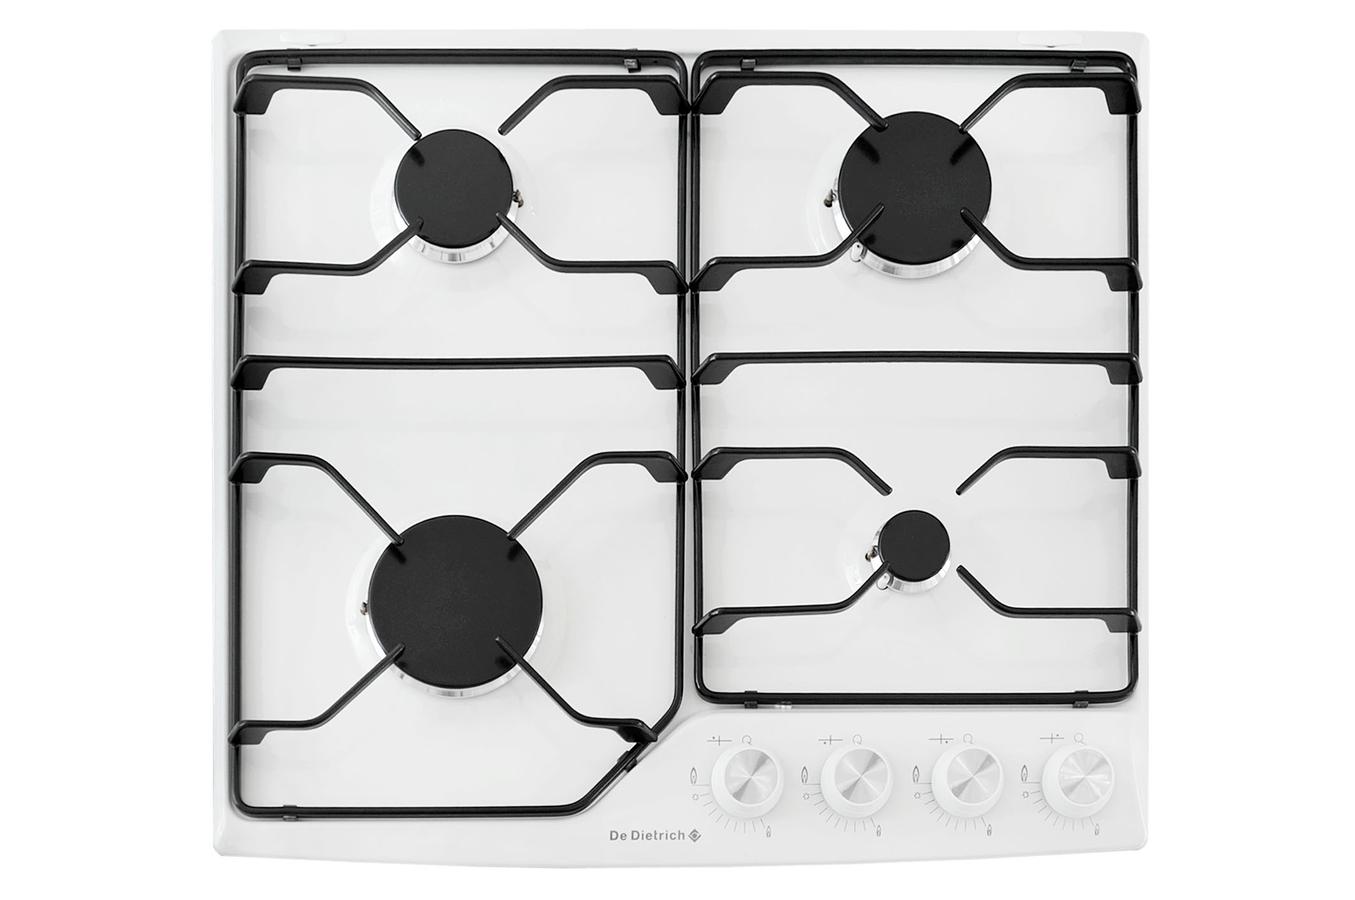 Plaque gaz de dietrich dte1110w blanc dte1110w 3489167 darty - Table de cuisson gaz darty ...